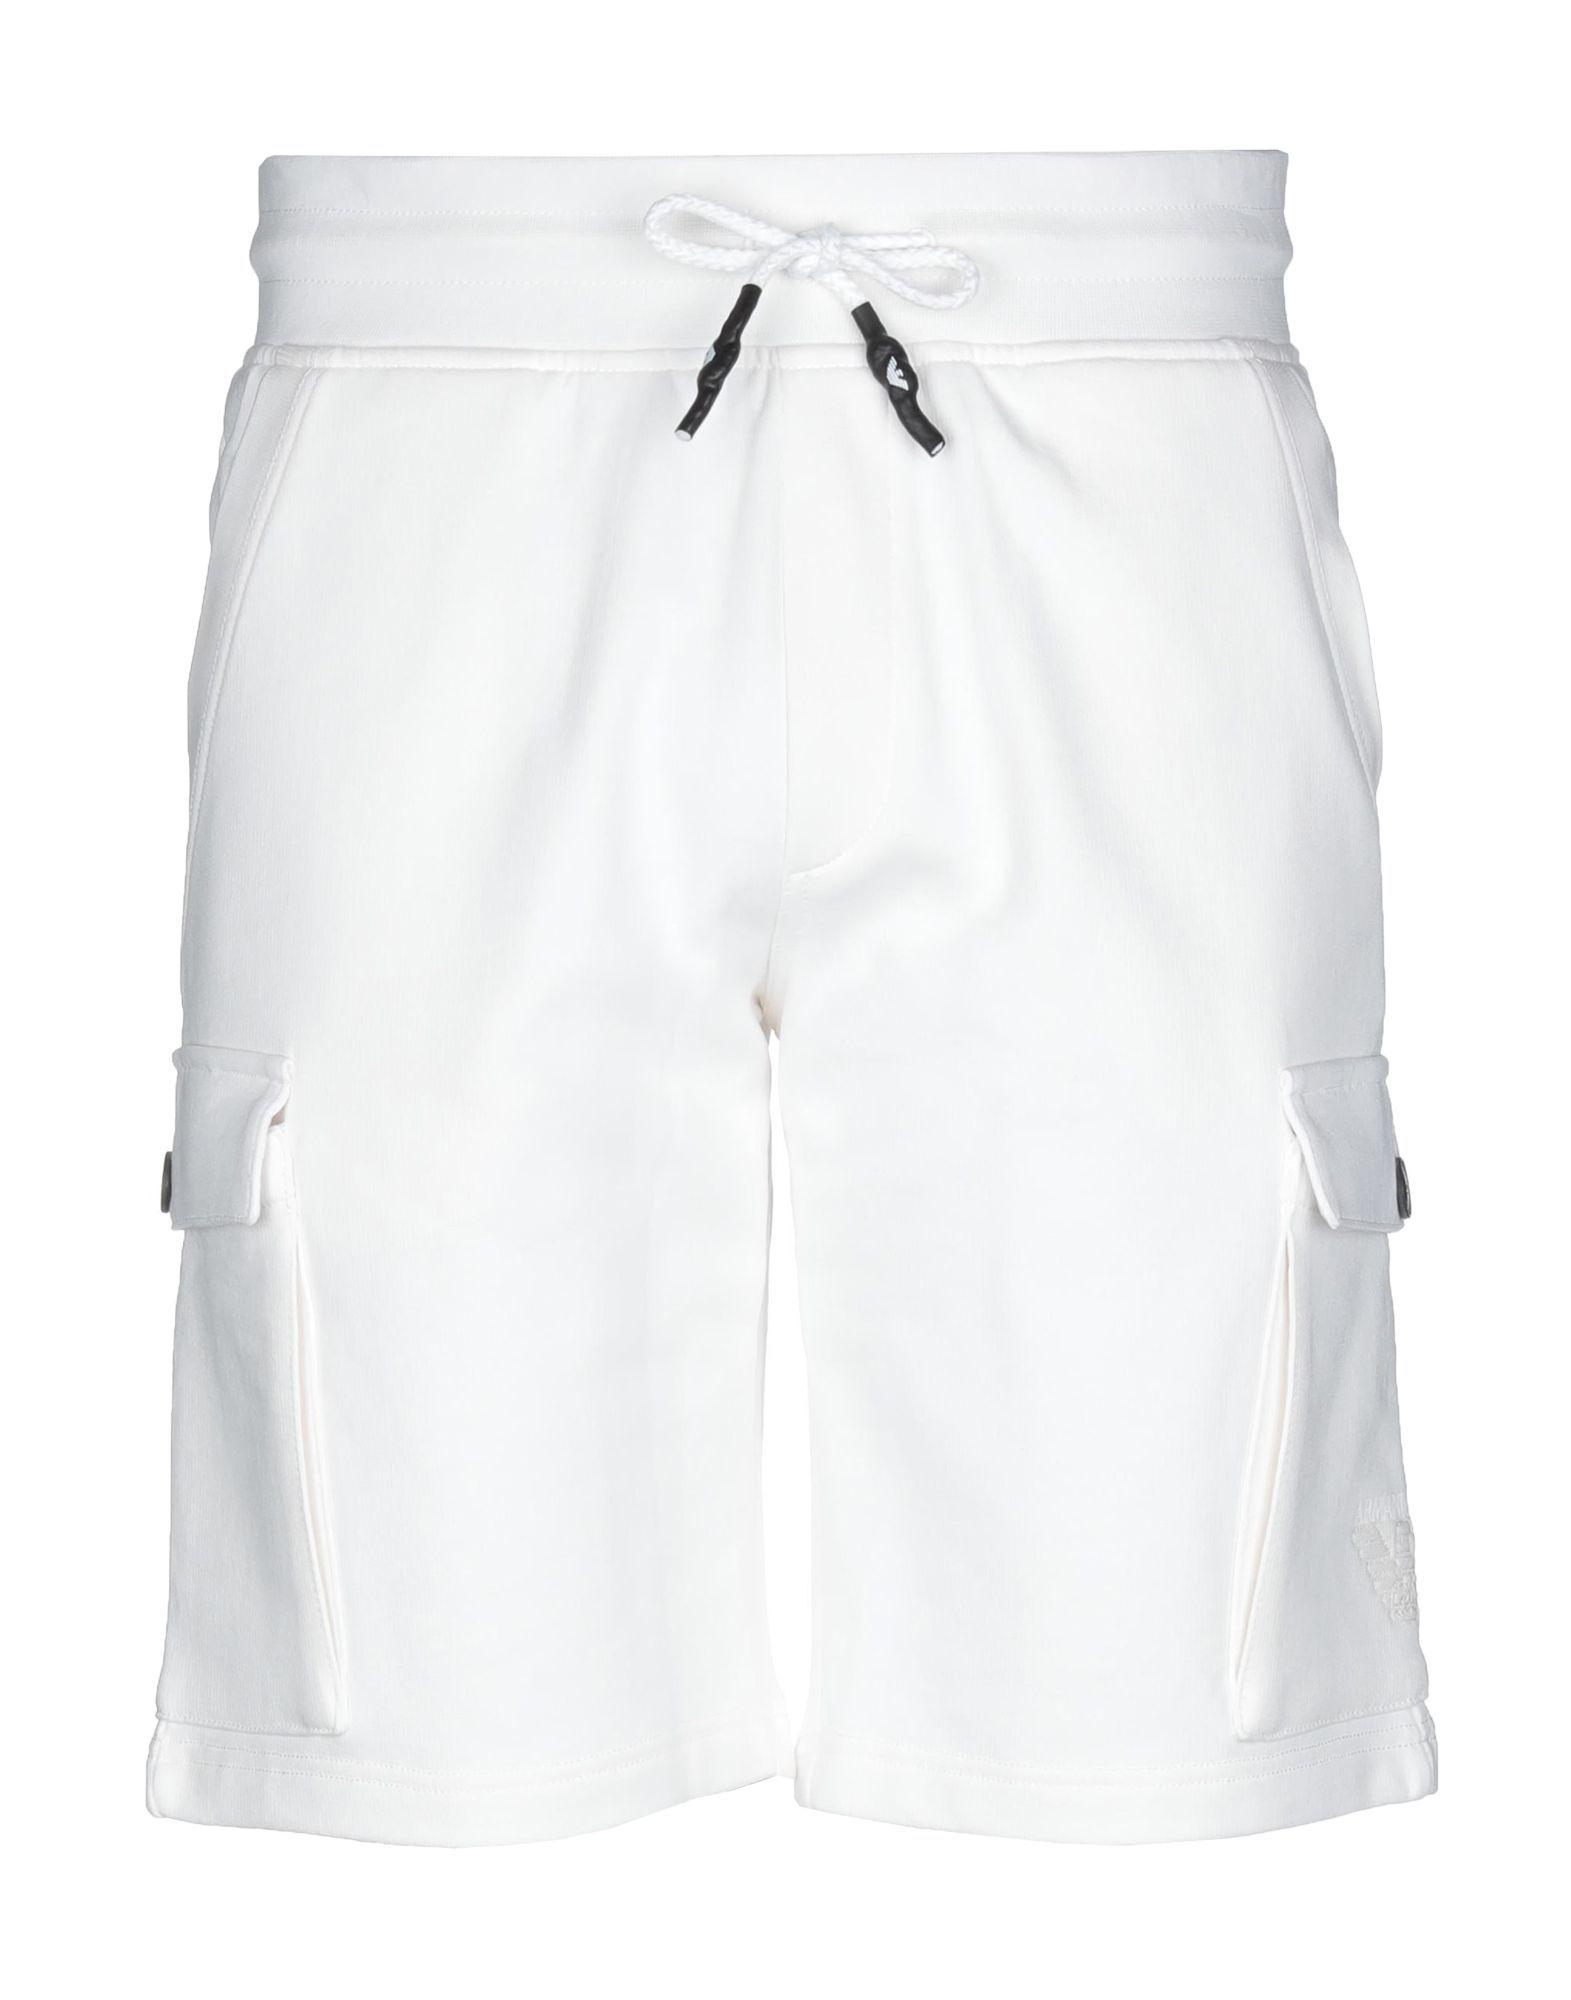 34f6f6b387 ARMANI JEANS BERMUDAS. #armanijeans #cloth | Armani Jeans in 2019 ...